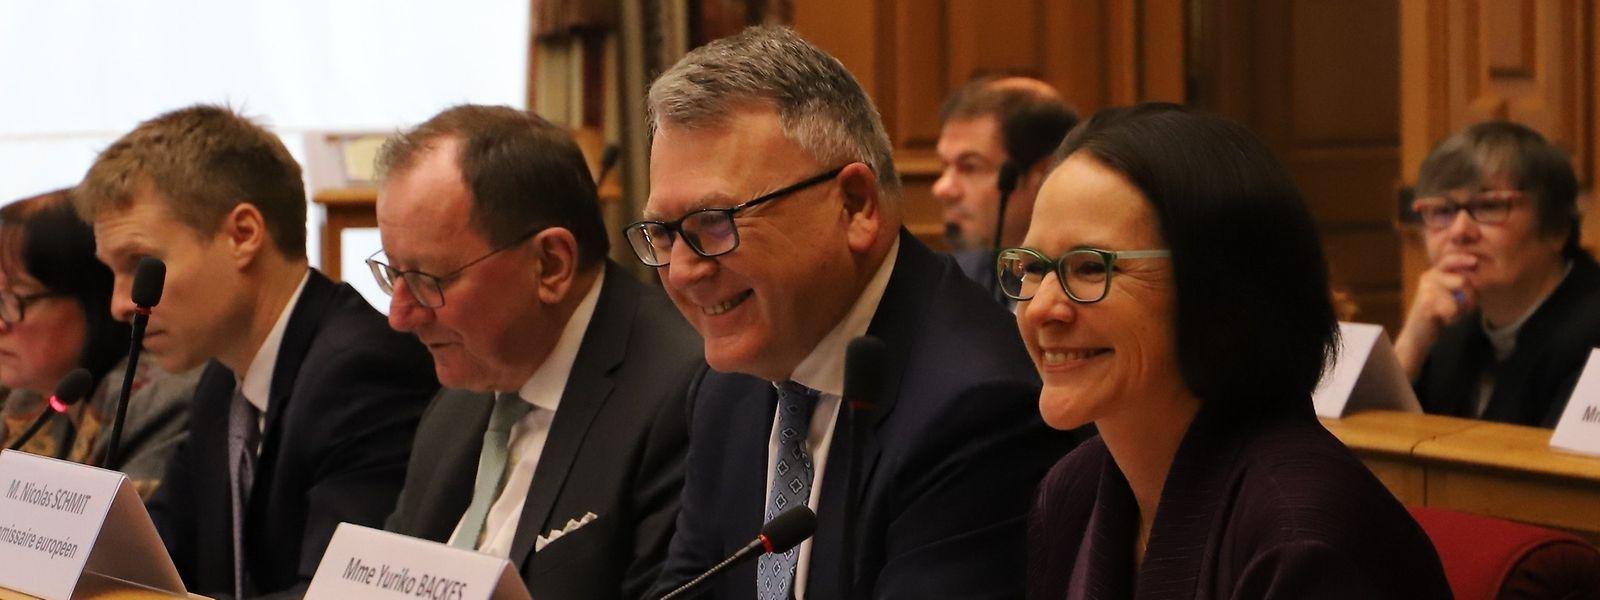 Nicolas Schmit, le commissaire européen à l'Emploi et aux Droits sociaux, a partagé le souhait de Fernand Etgen, le président de la Chambre de «rapprocher la politique européenne des citoyens».